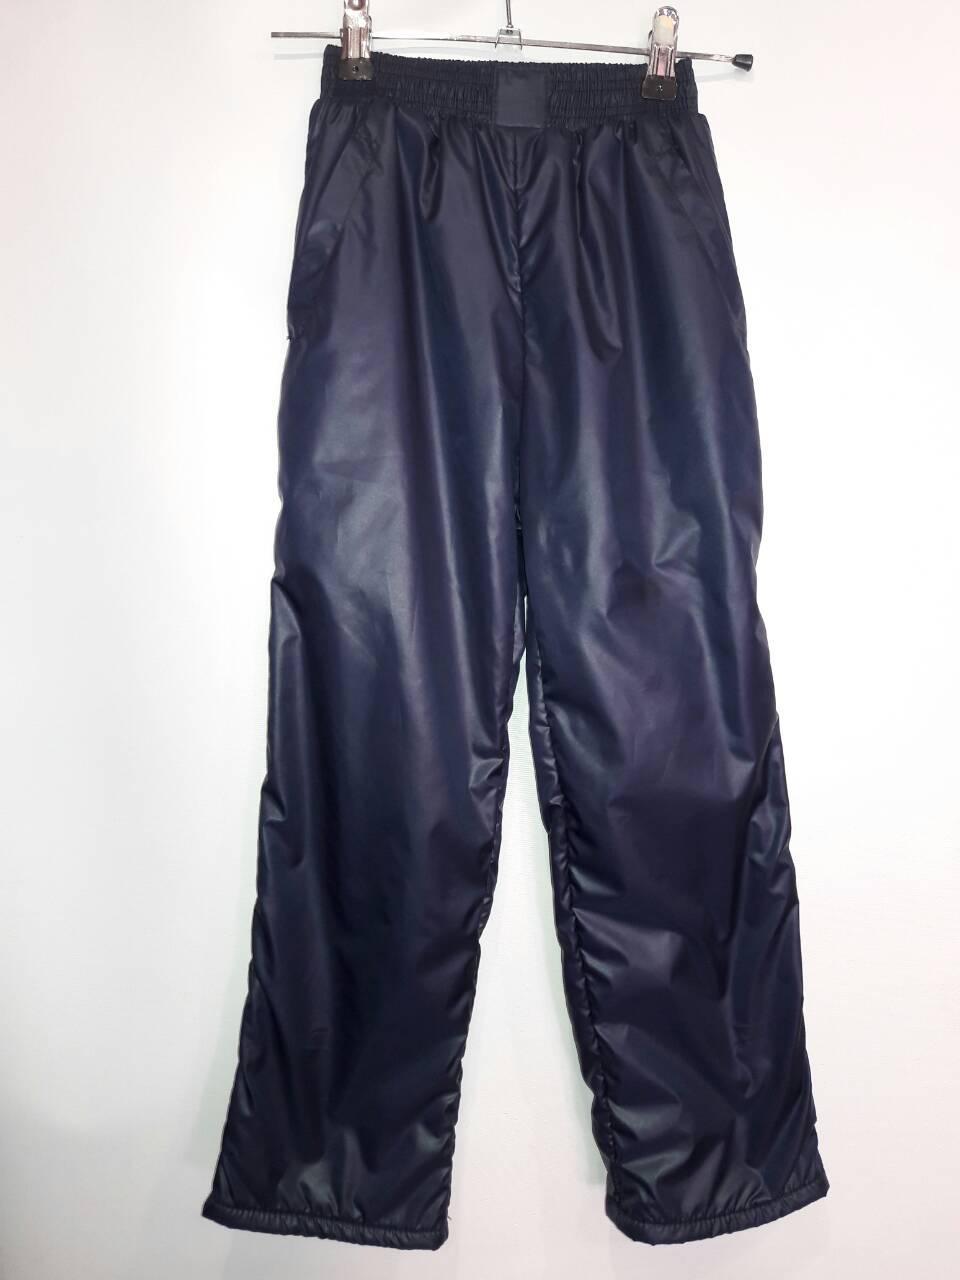 Подростковые брюки плащевка на флисе 116-140 см